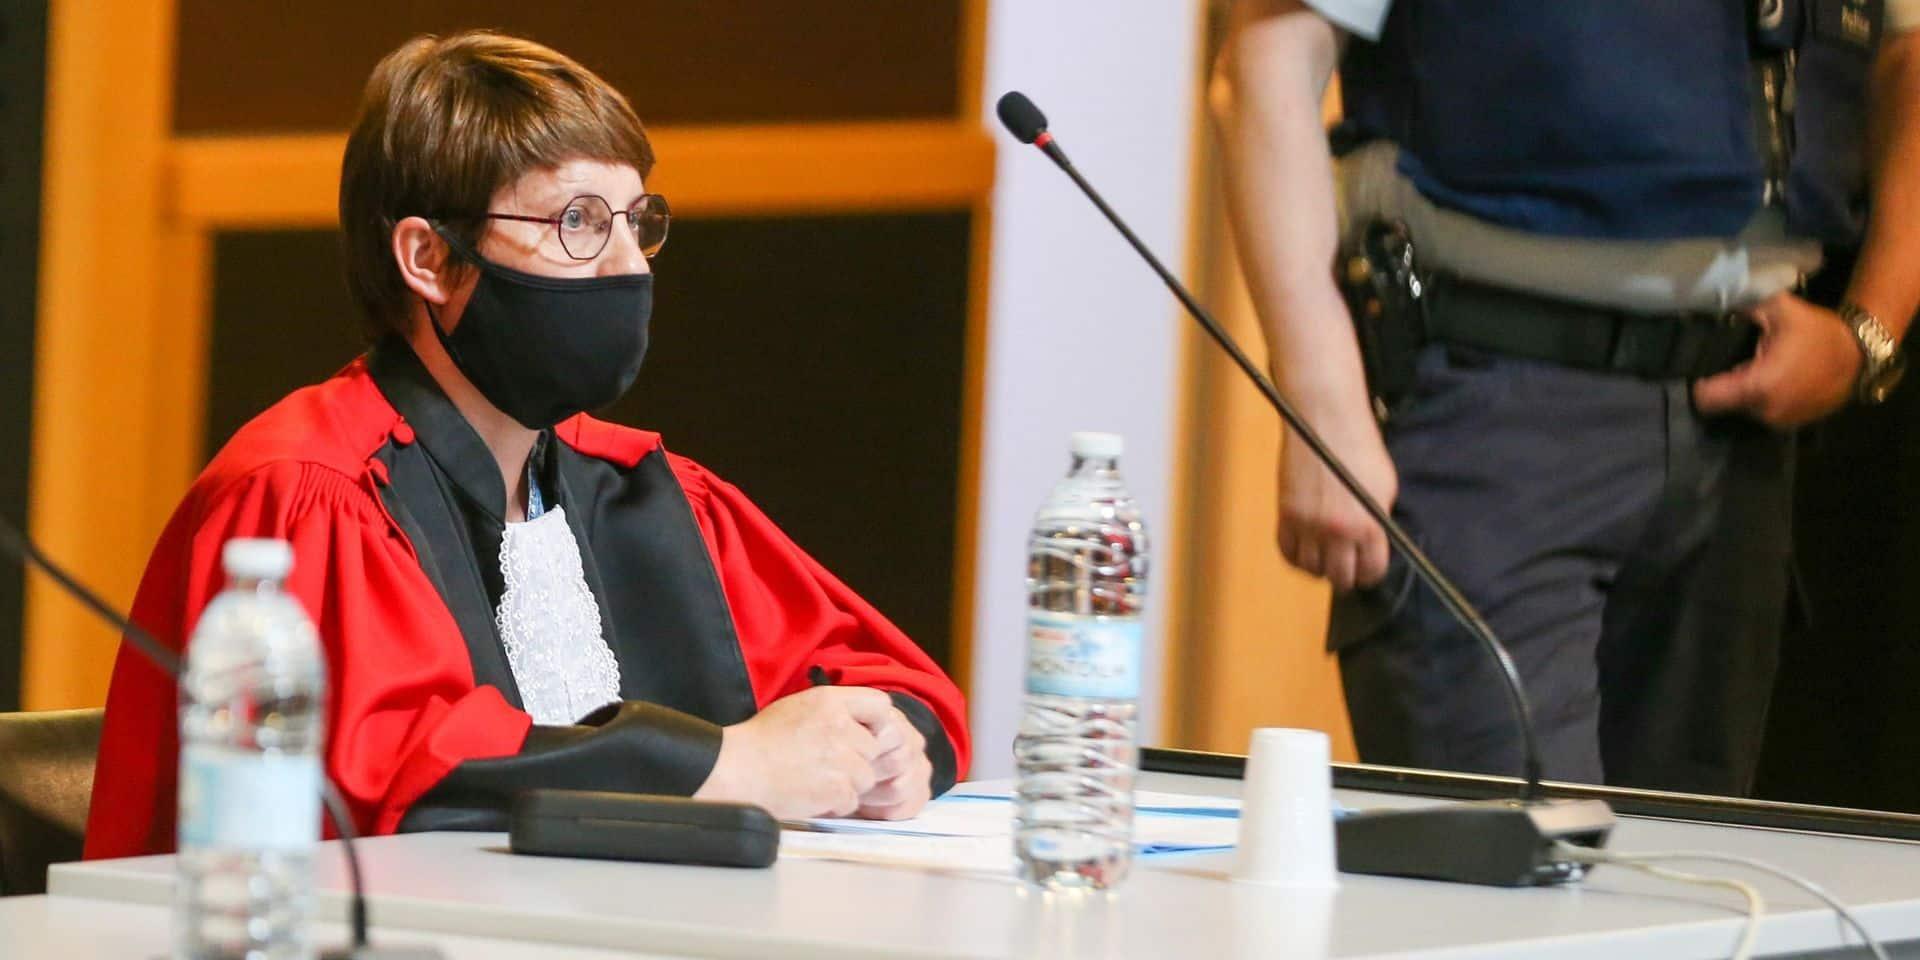 Assises Hainaut: pour l'accusation, Maria Gonçalves Da Rocha a bien été victime d'un meurtre